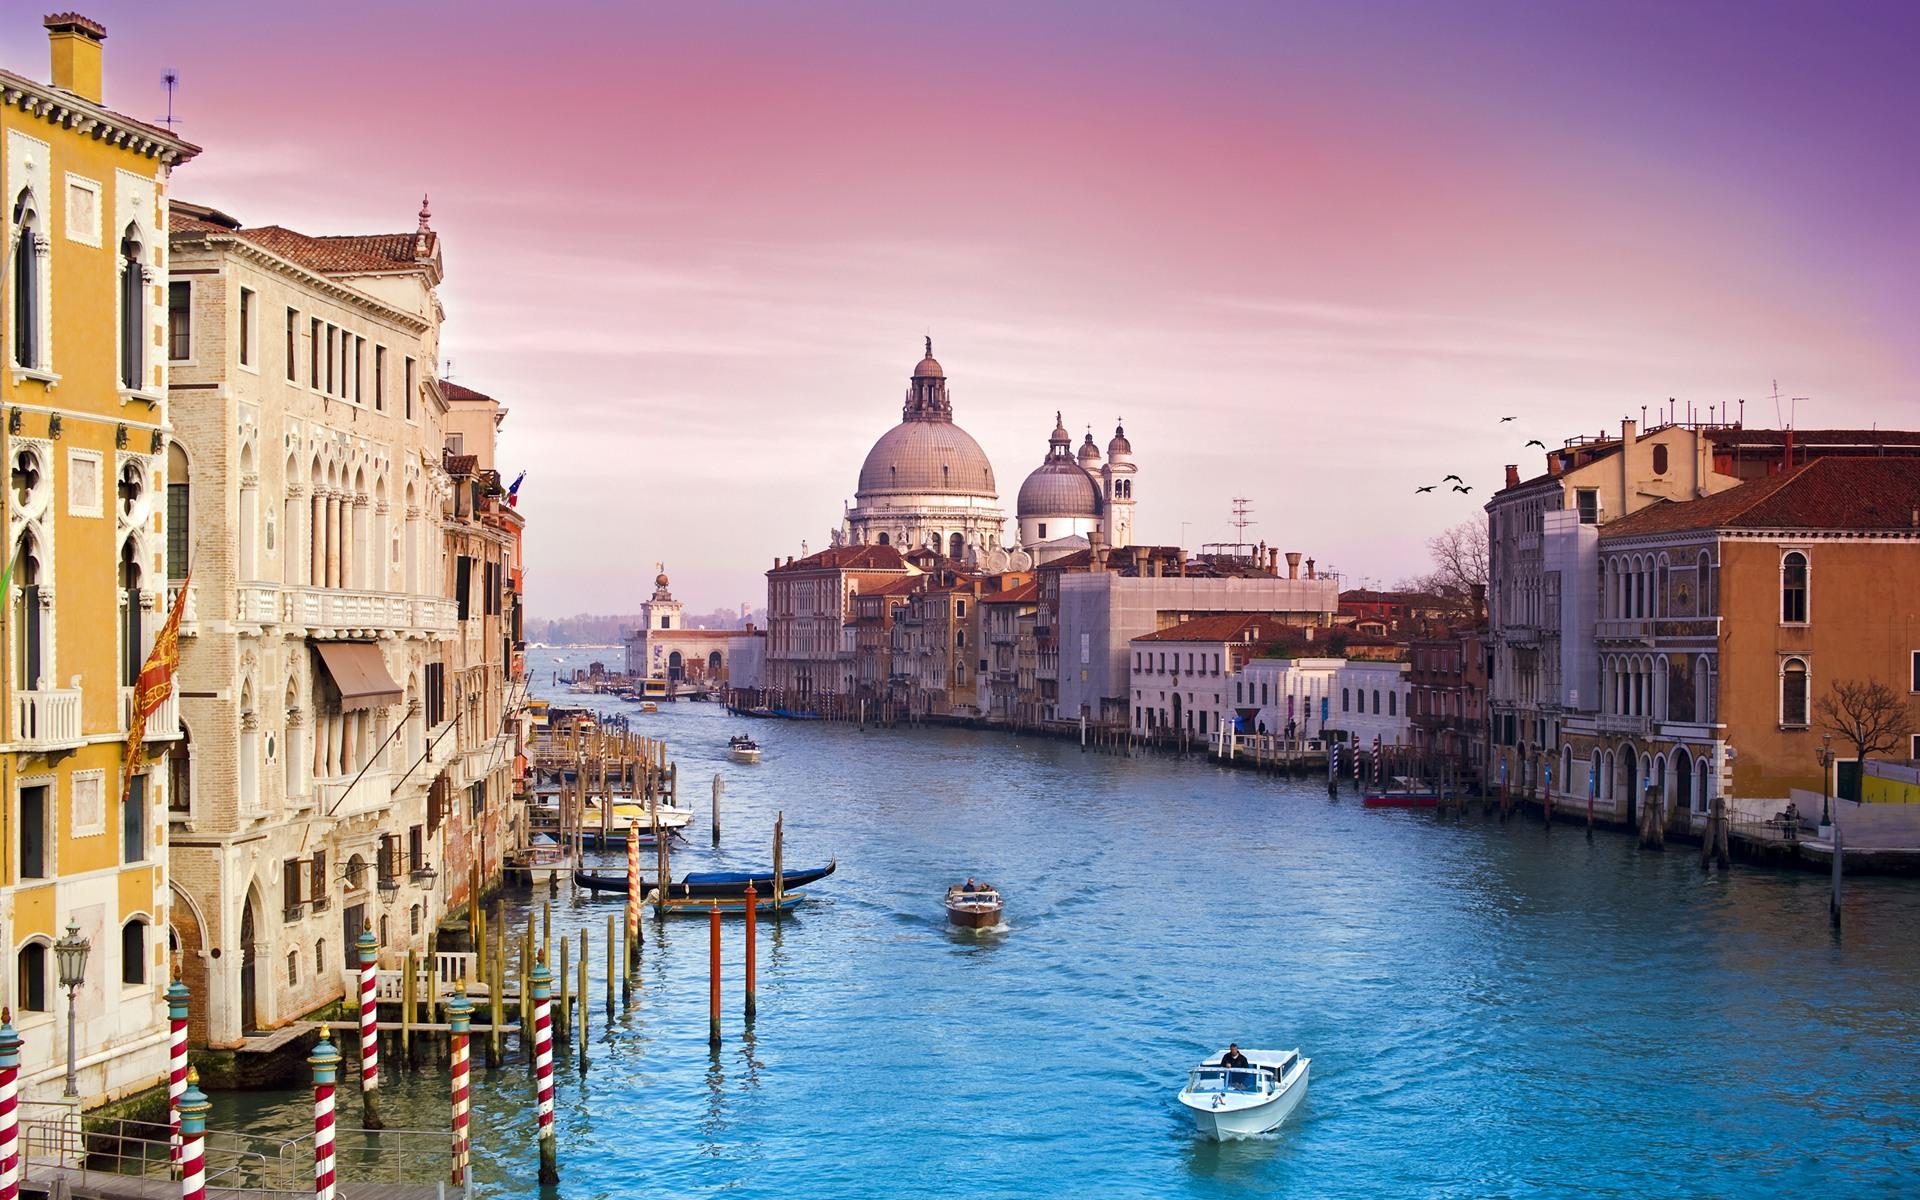 Gửi chuyển phát nhanh hàng hóa đi Ý-Italy